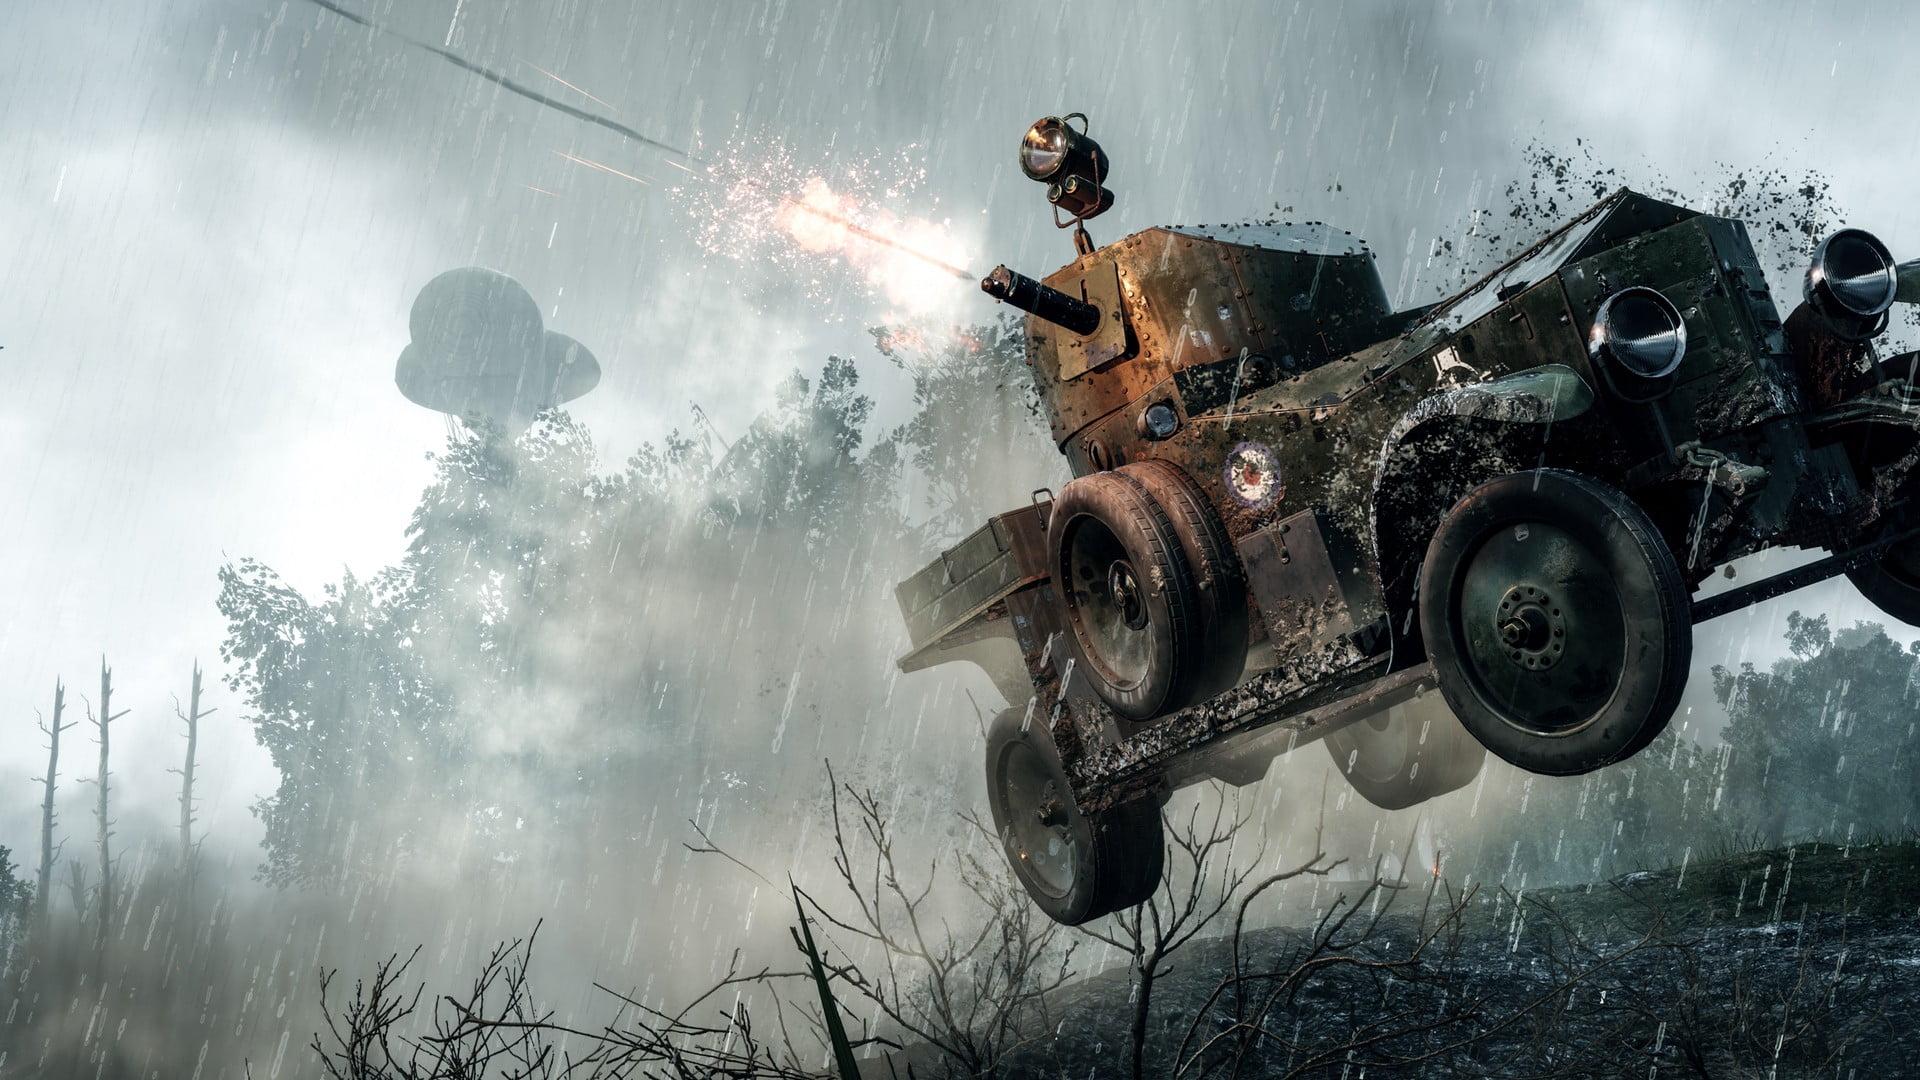 Download Battlefield 1 Wallpaper 1080P Pics